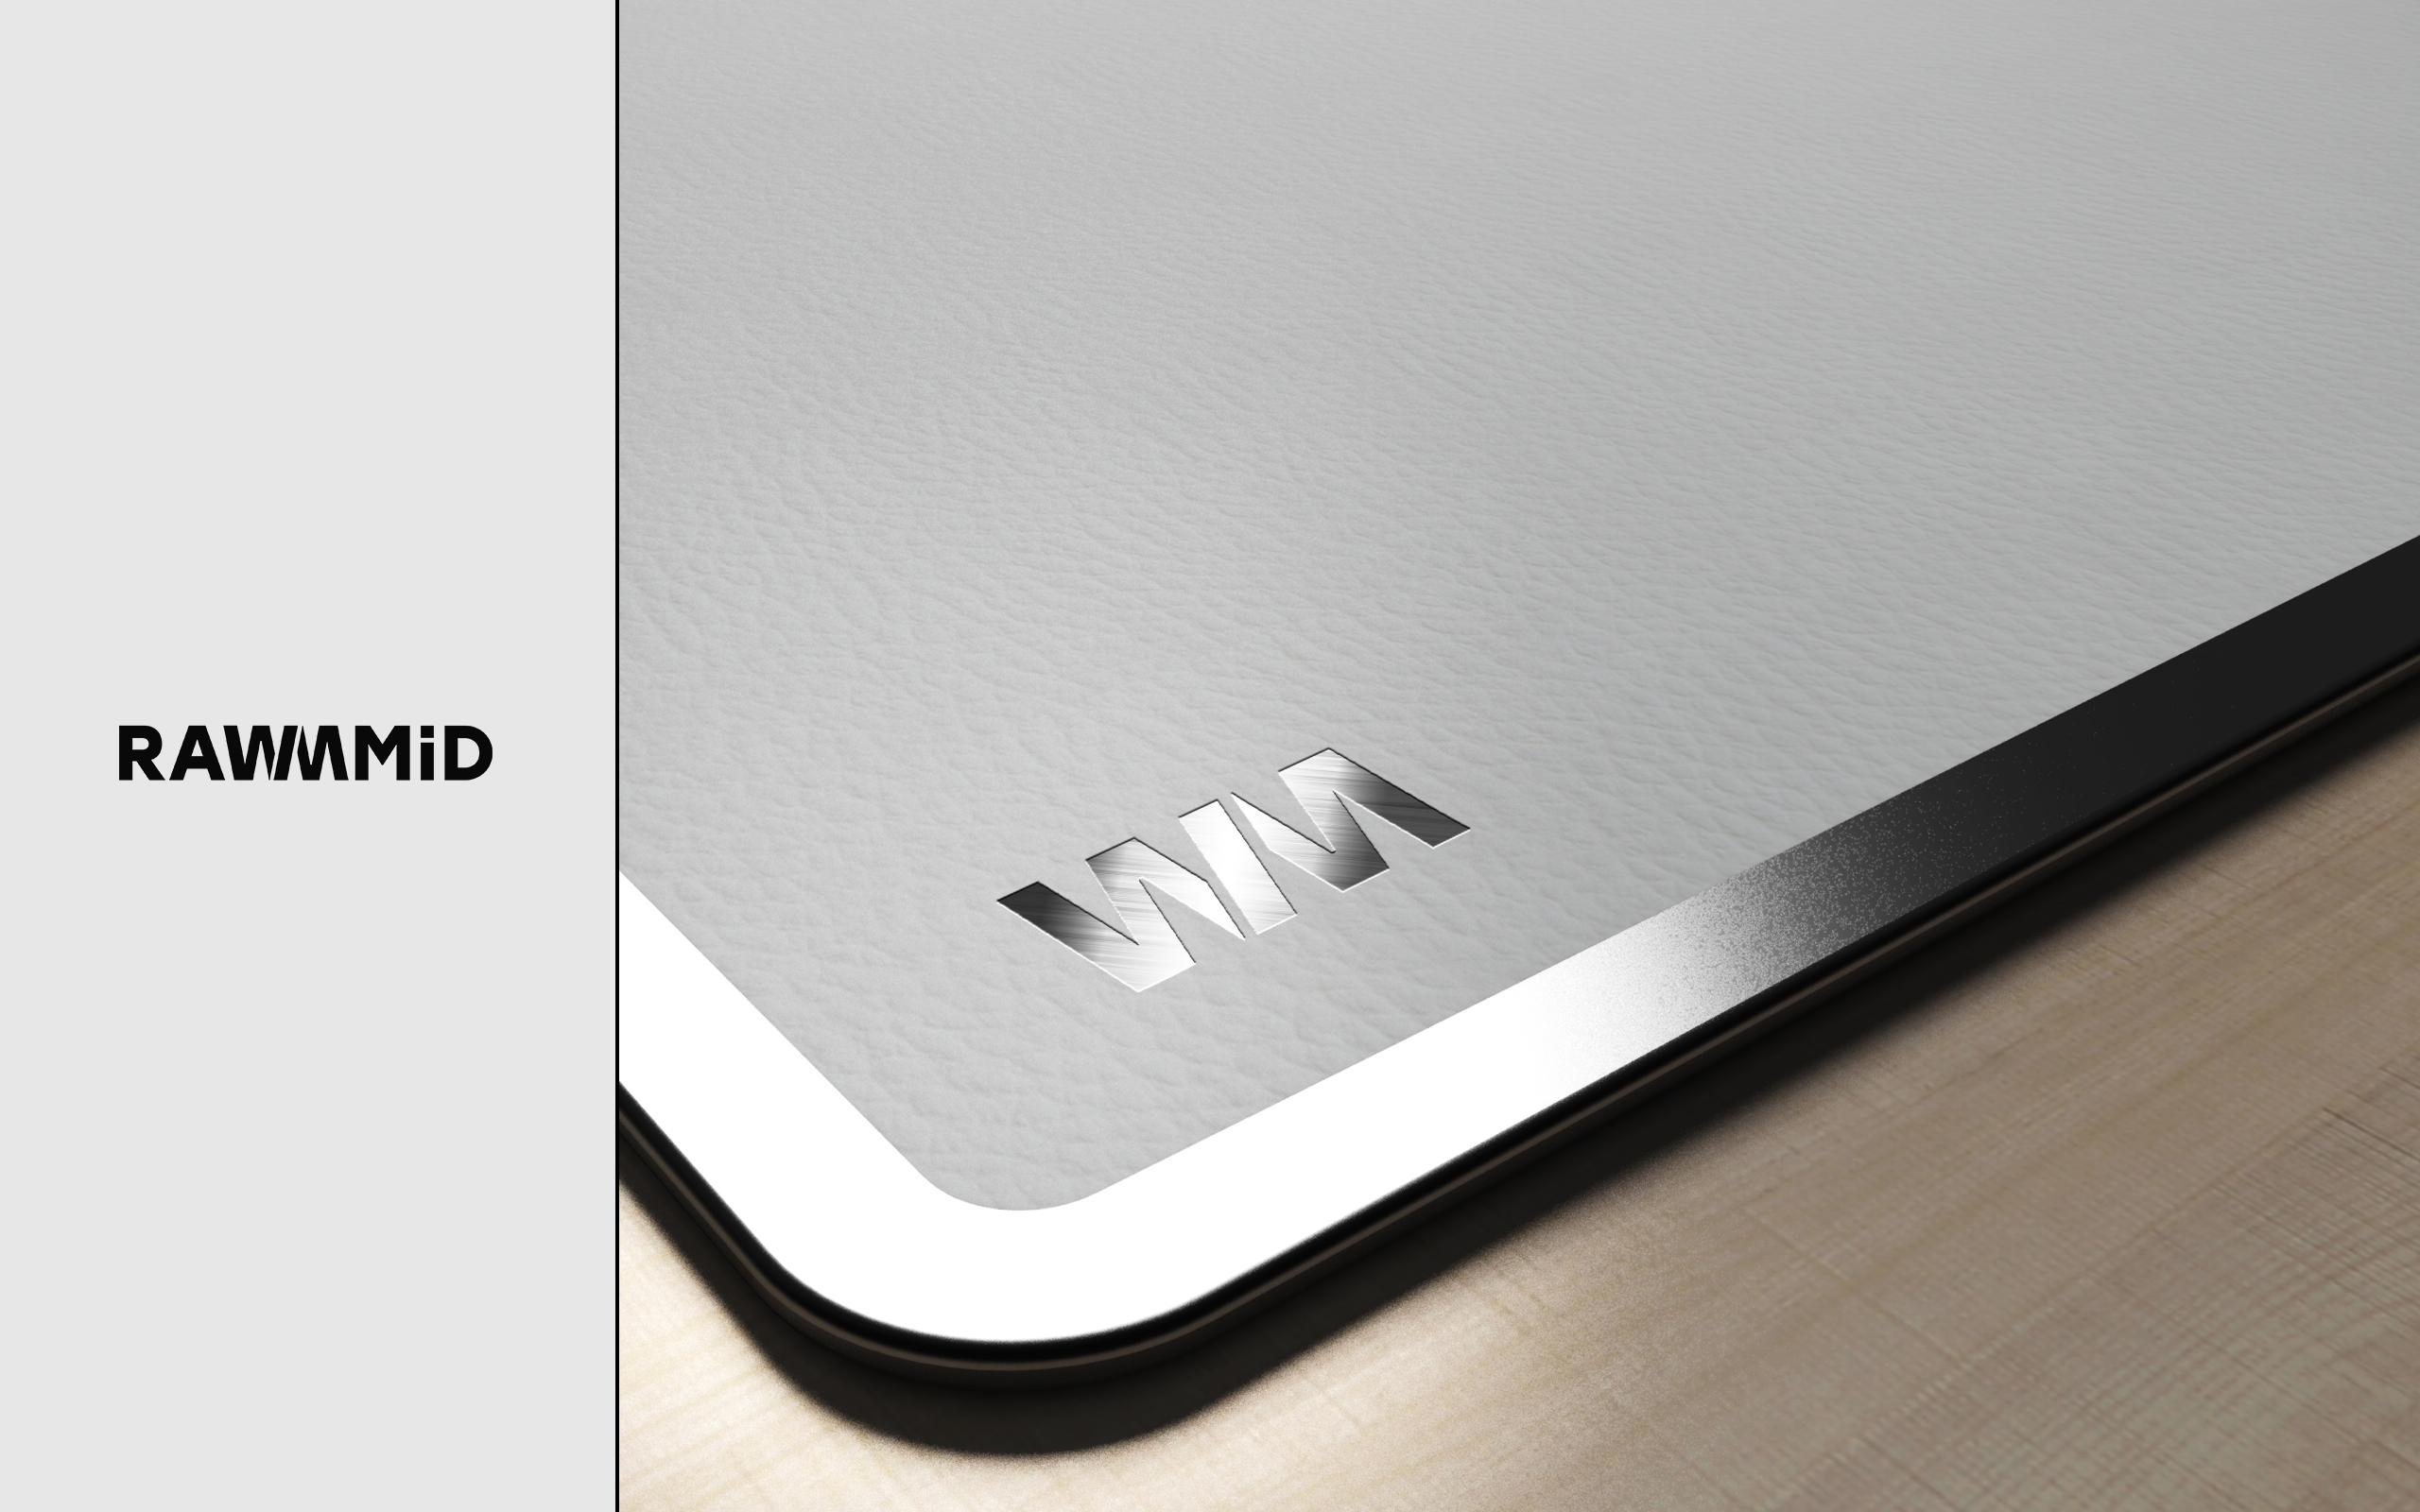 Создать логотип (буквенная часть) для бренда бытовой техники фото f_3465b34a5924f3e7.jpg